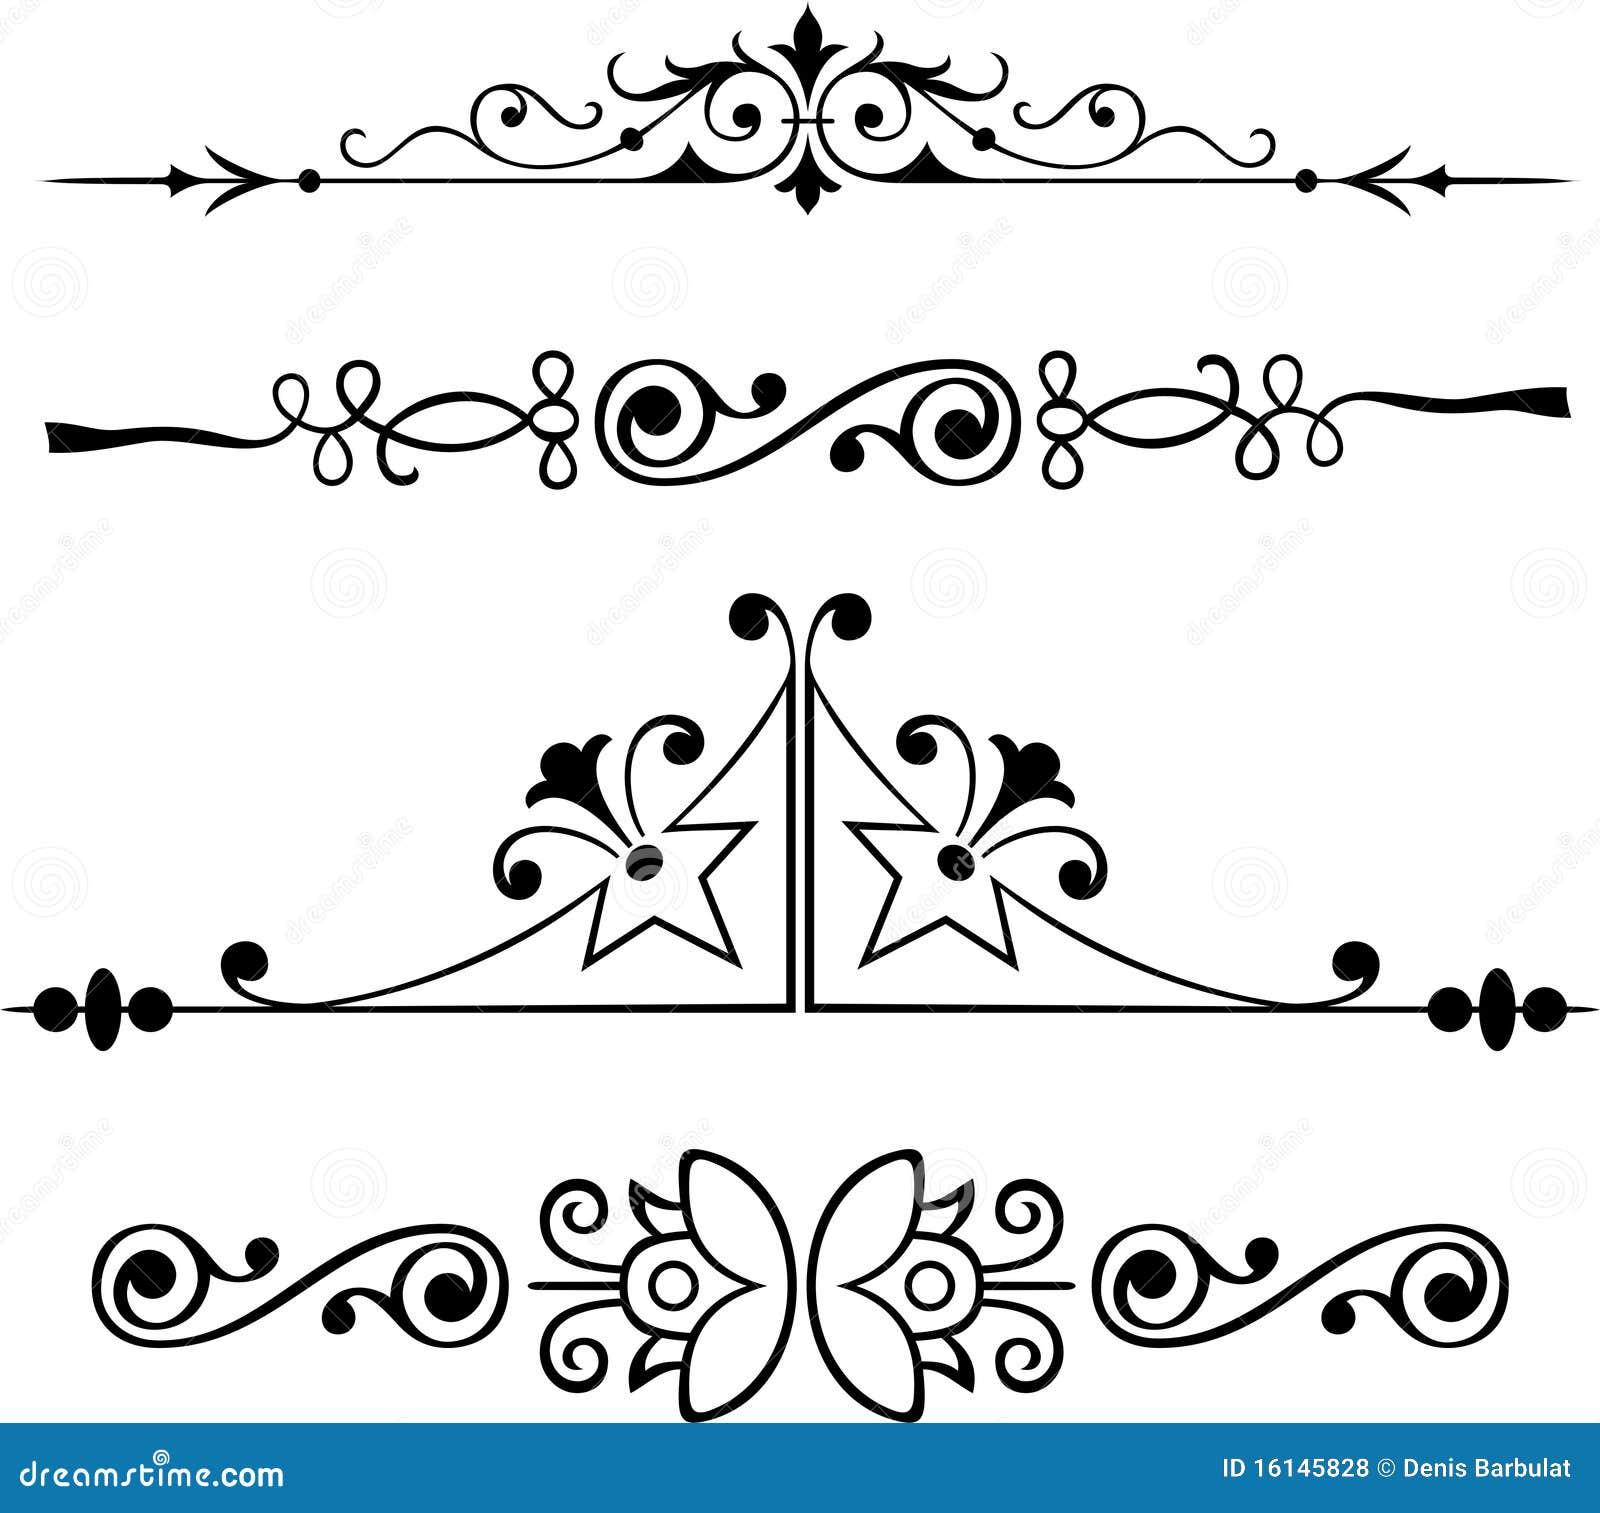 Elegant detail